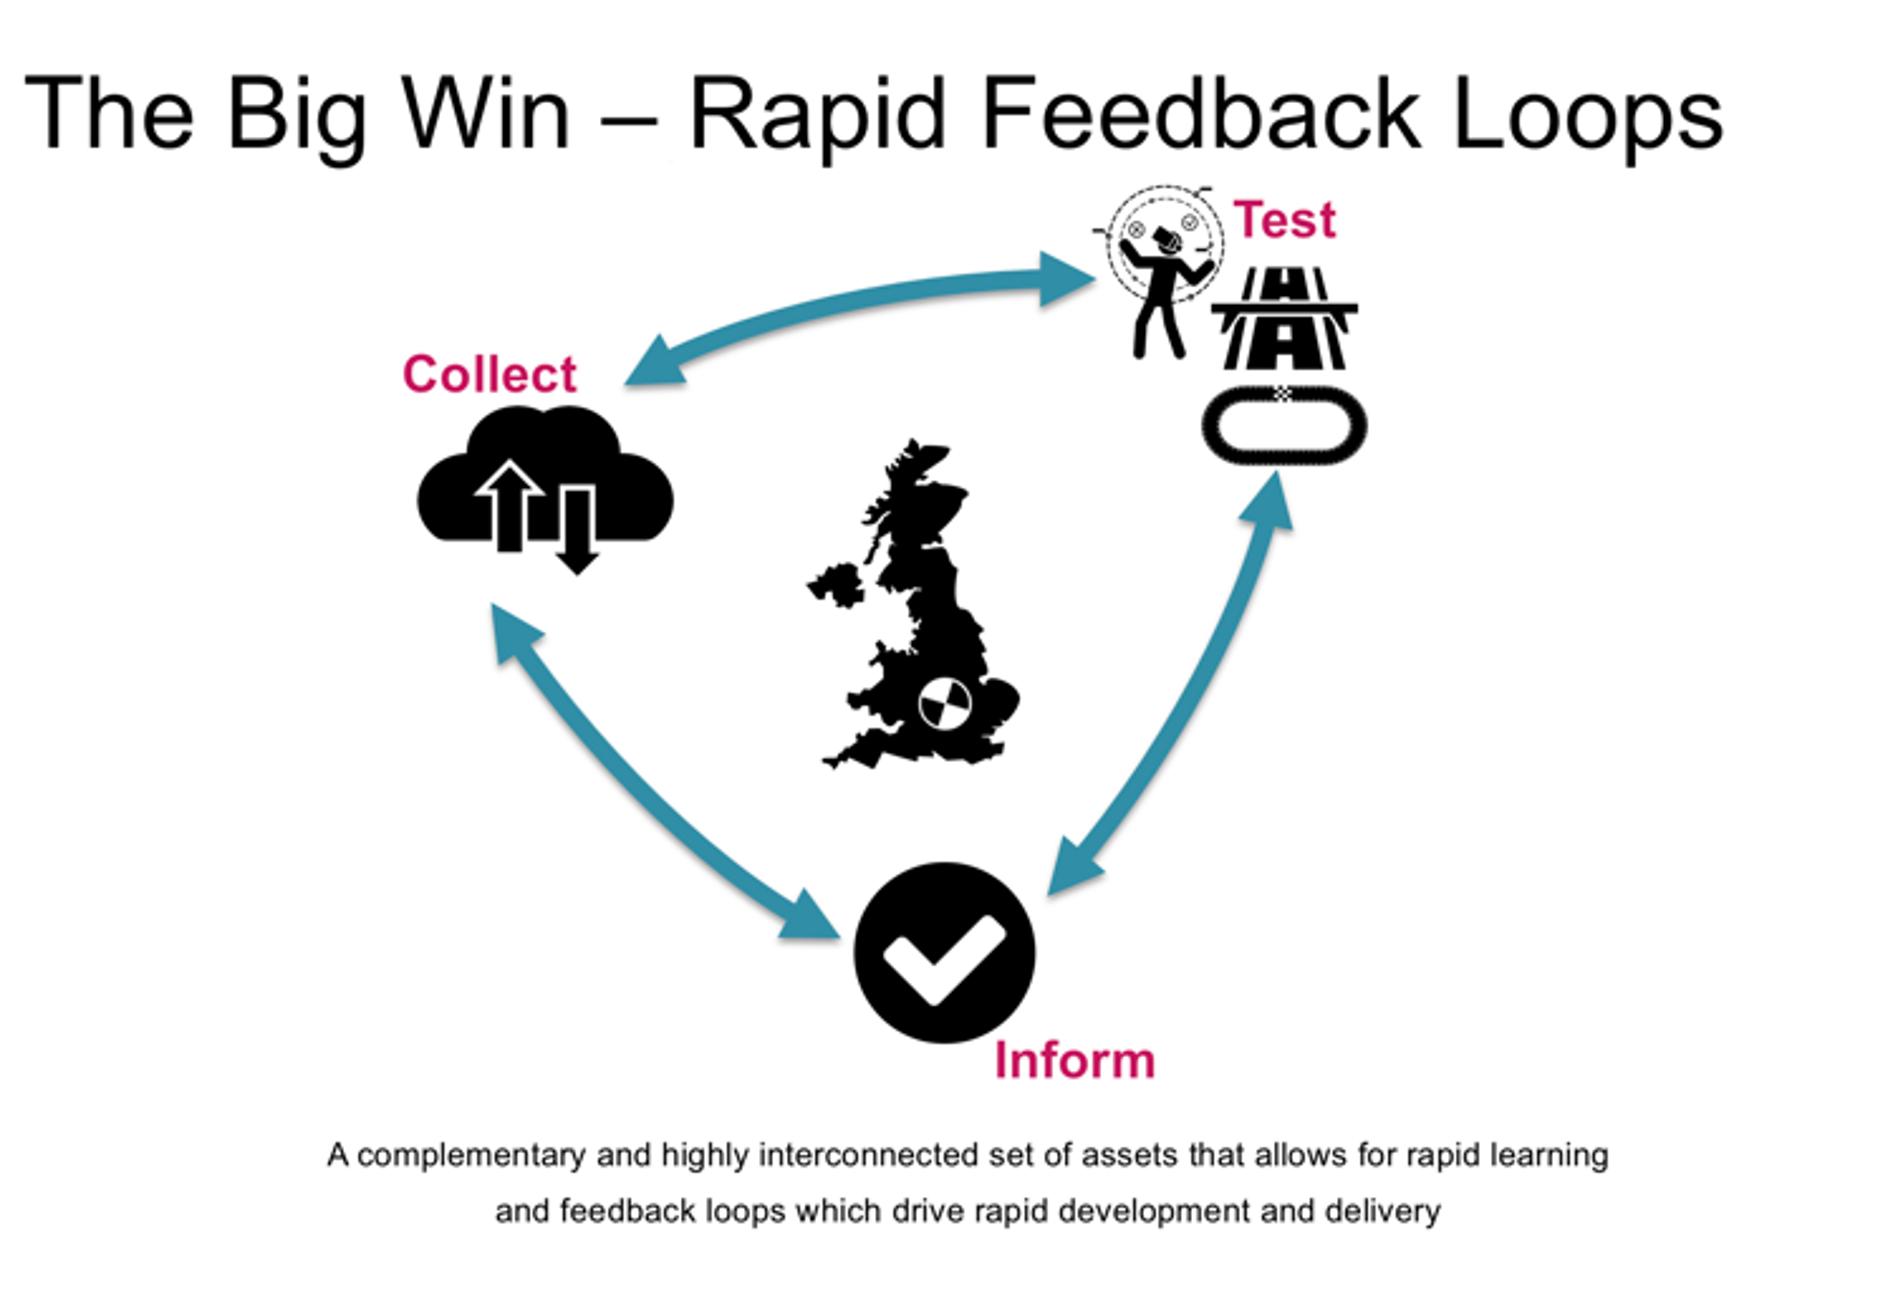 The Big Win - Rapid Feedback Loops